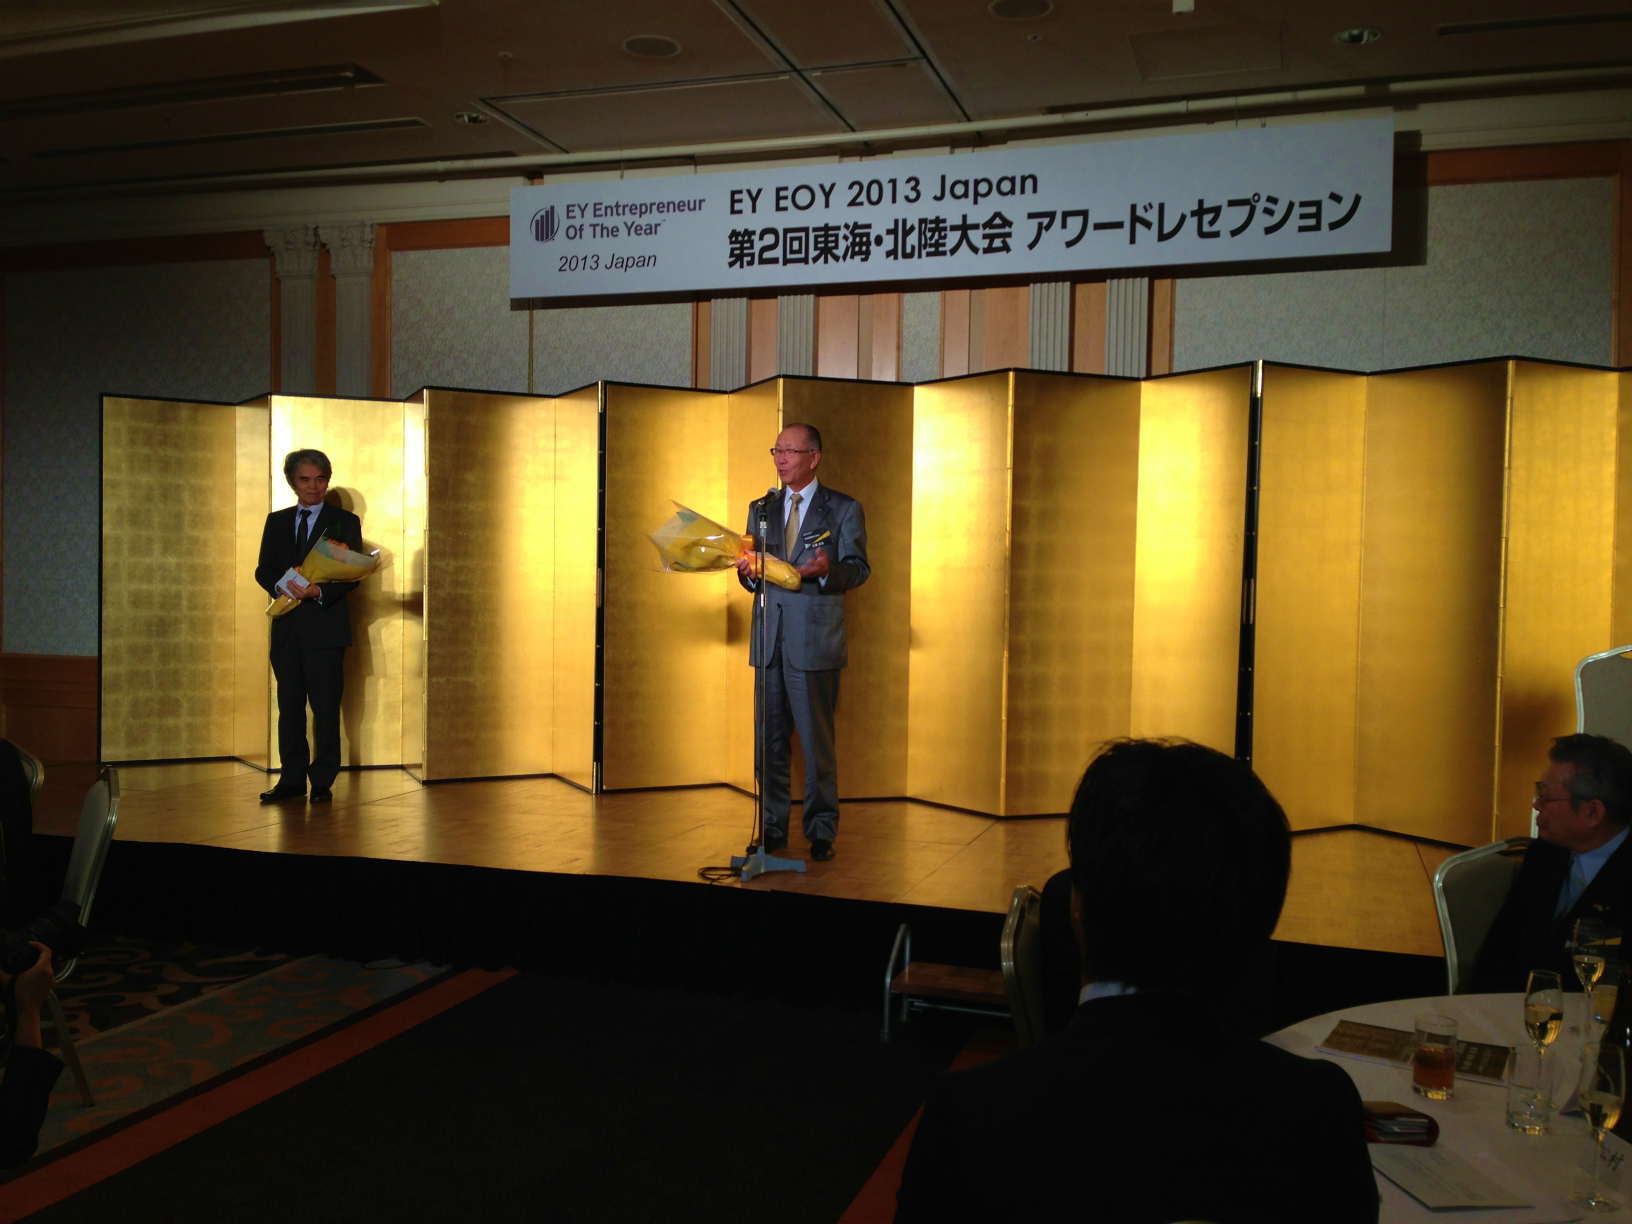 http://www.kaiho.co.jp/jp/news/img/s017.jpg